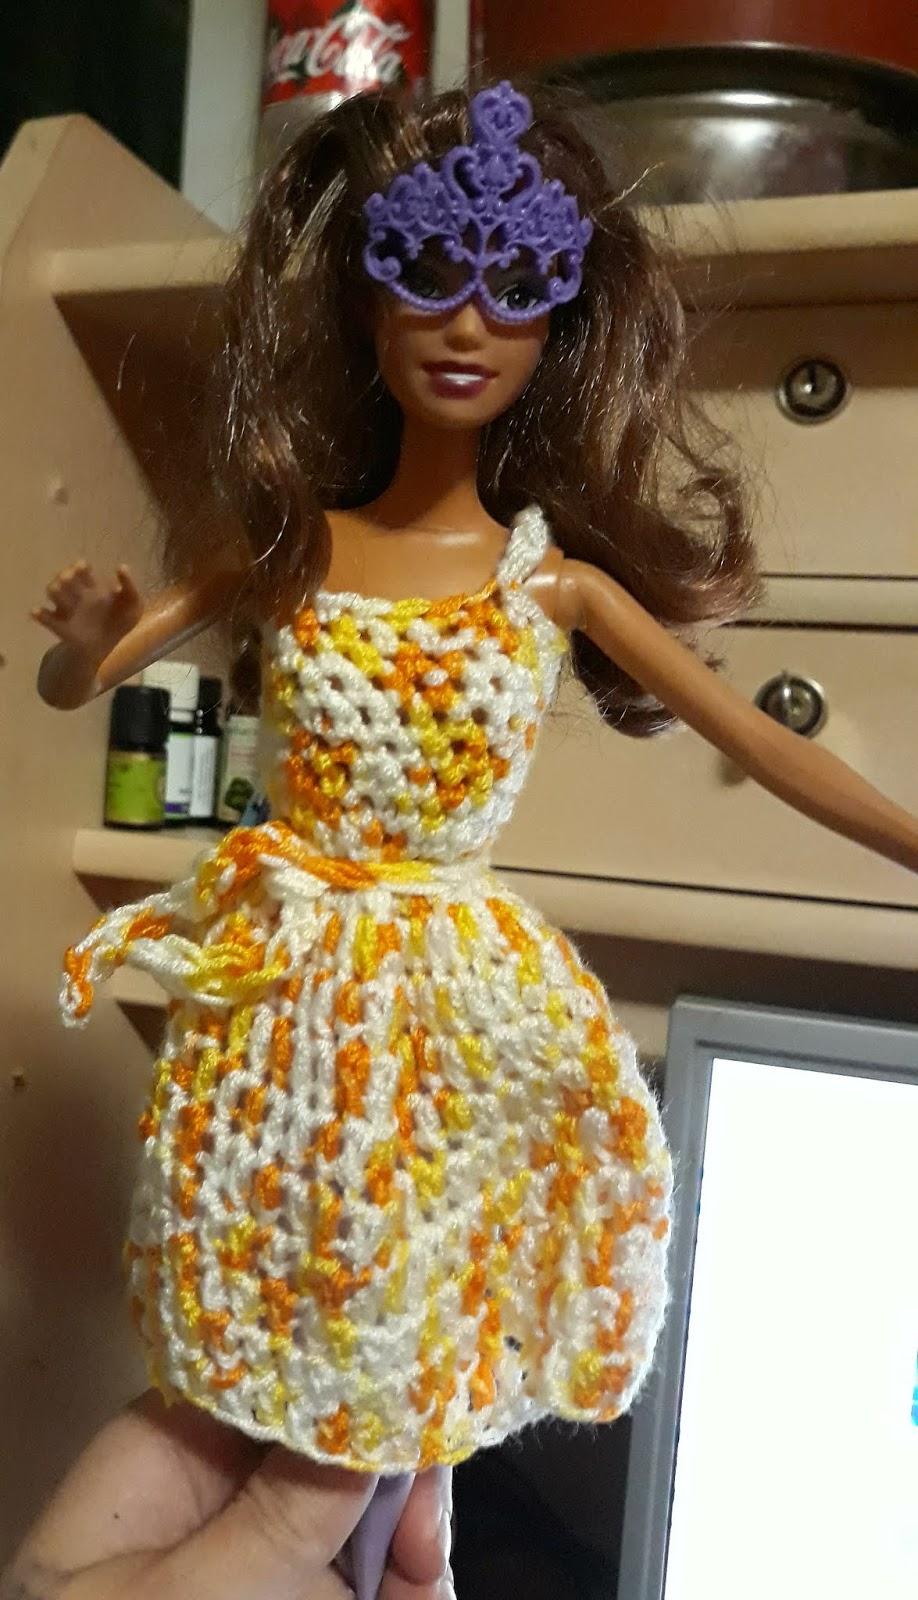 Lucy Und Rasselbande Testet Gehäkelte Barbie Kleidung Und Mehr